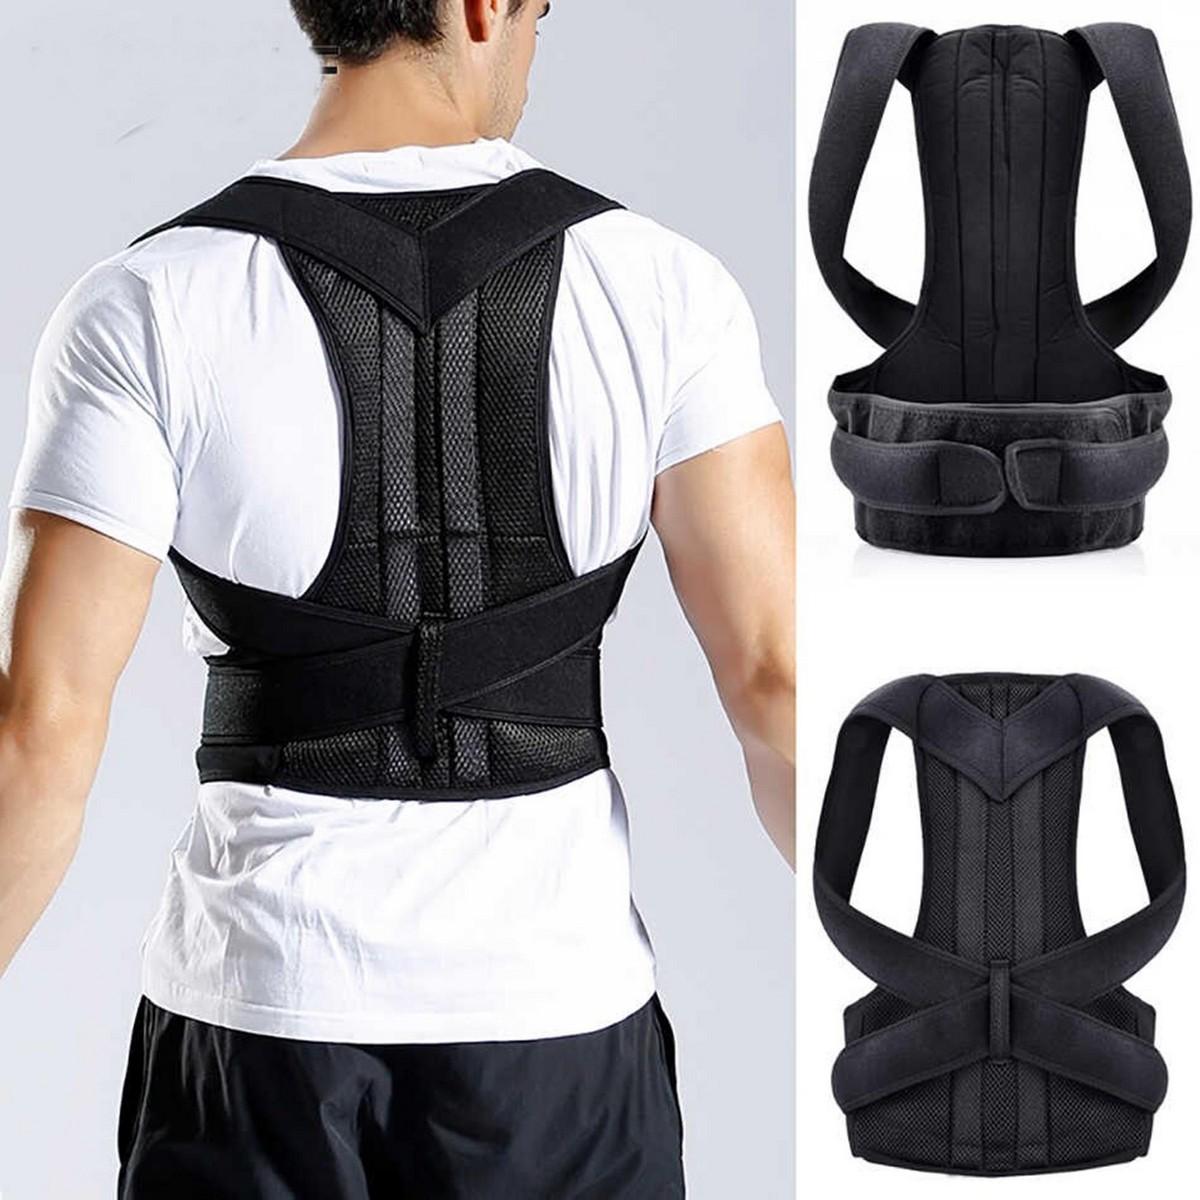 Posture Belt for Back Support cushion and Posture - Black